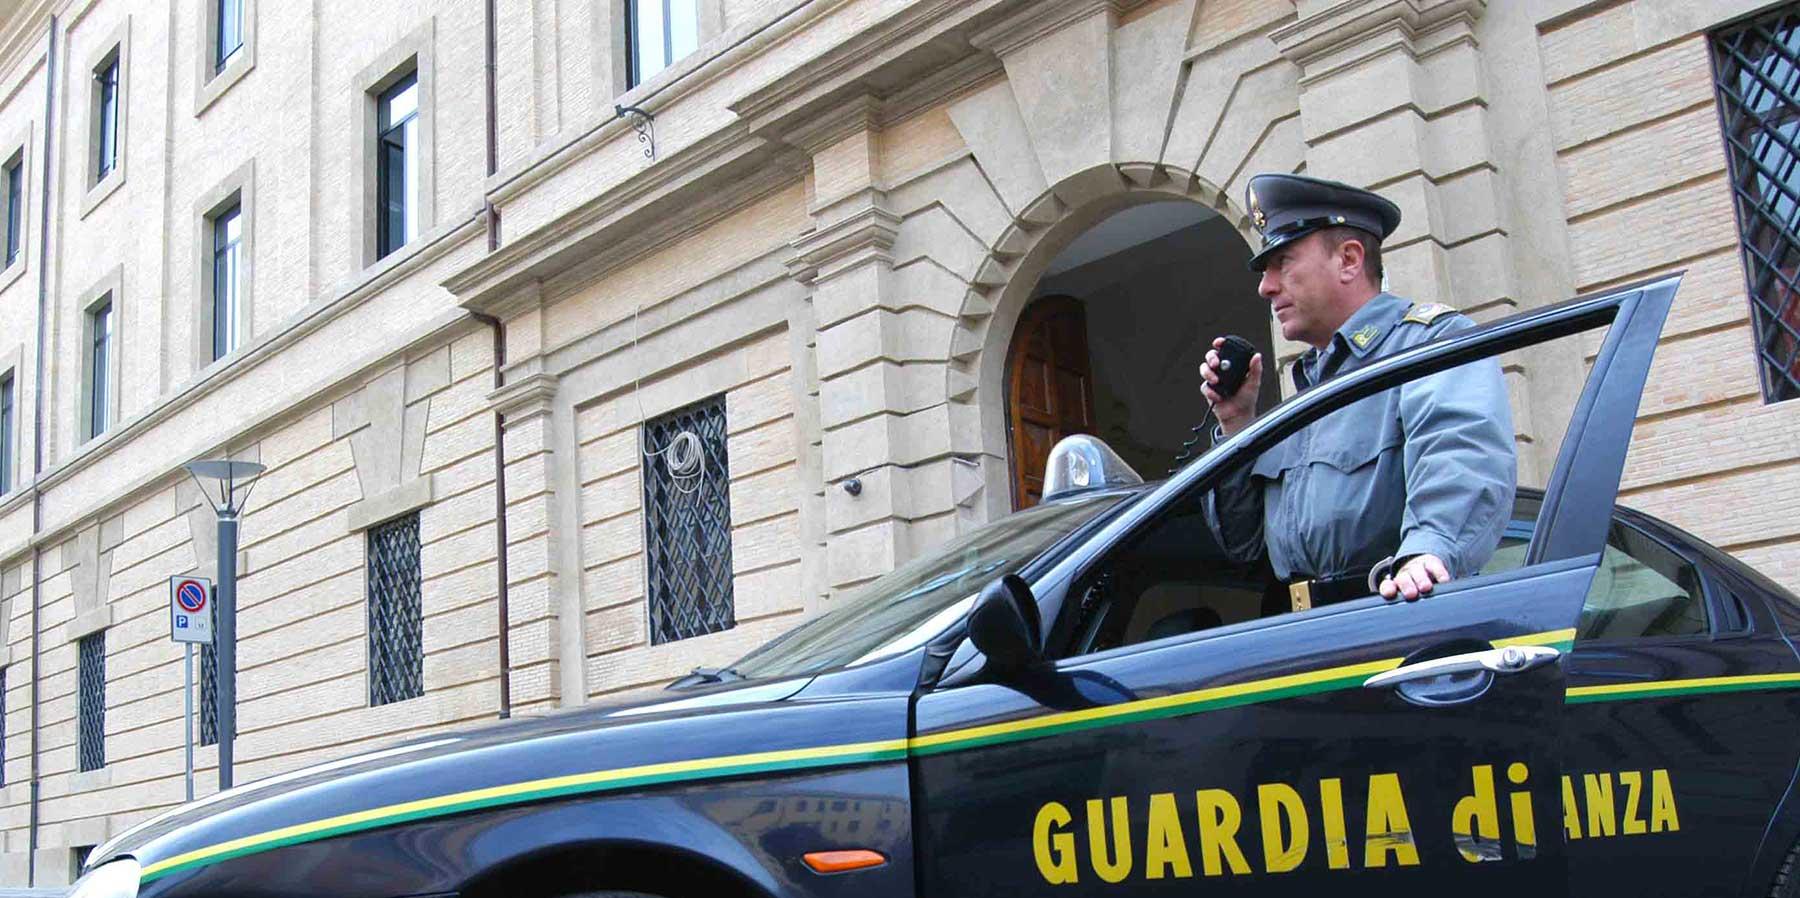 varedo arresti guardia di finanza